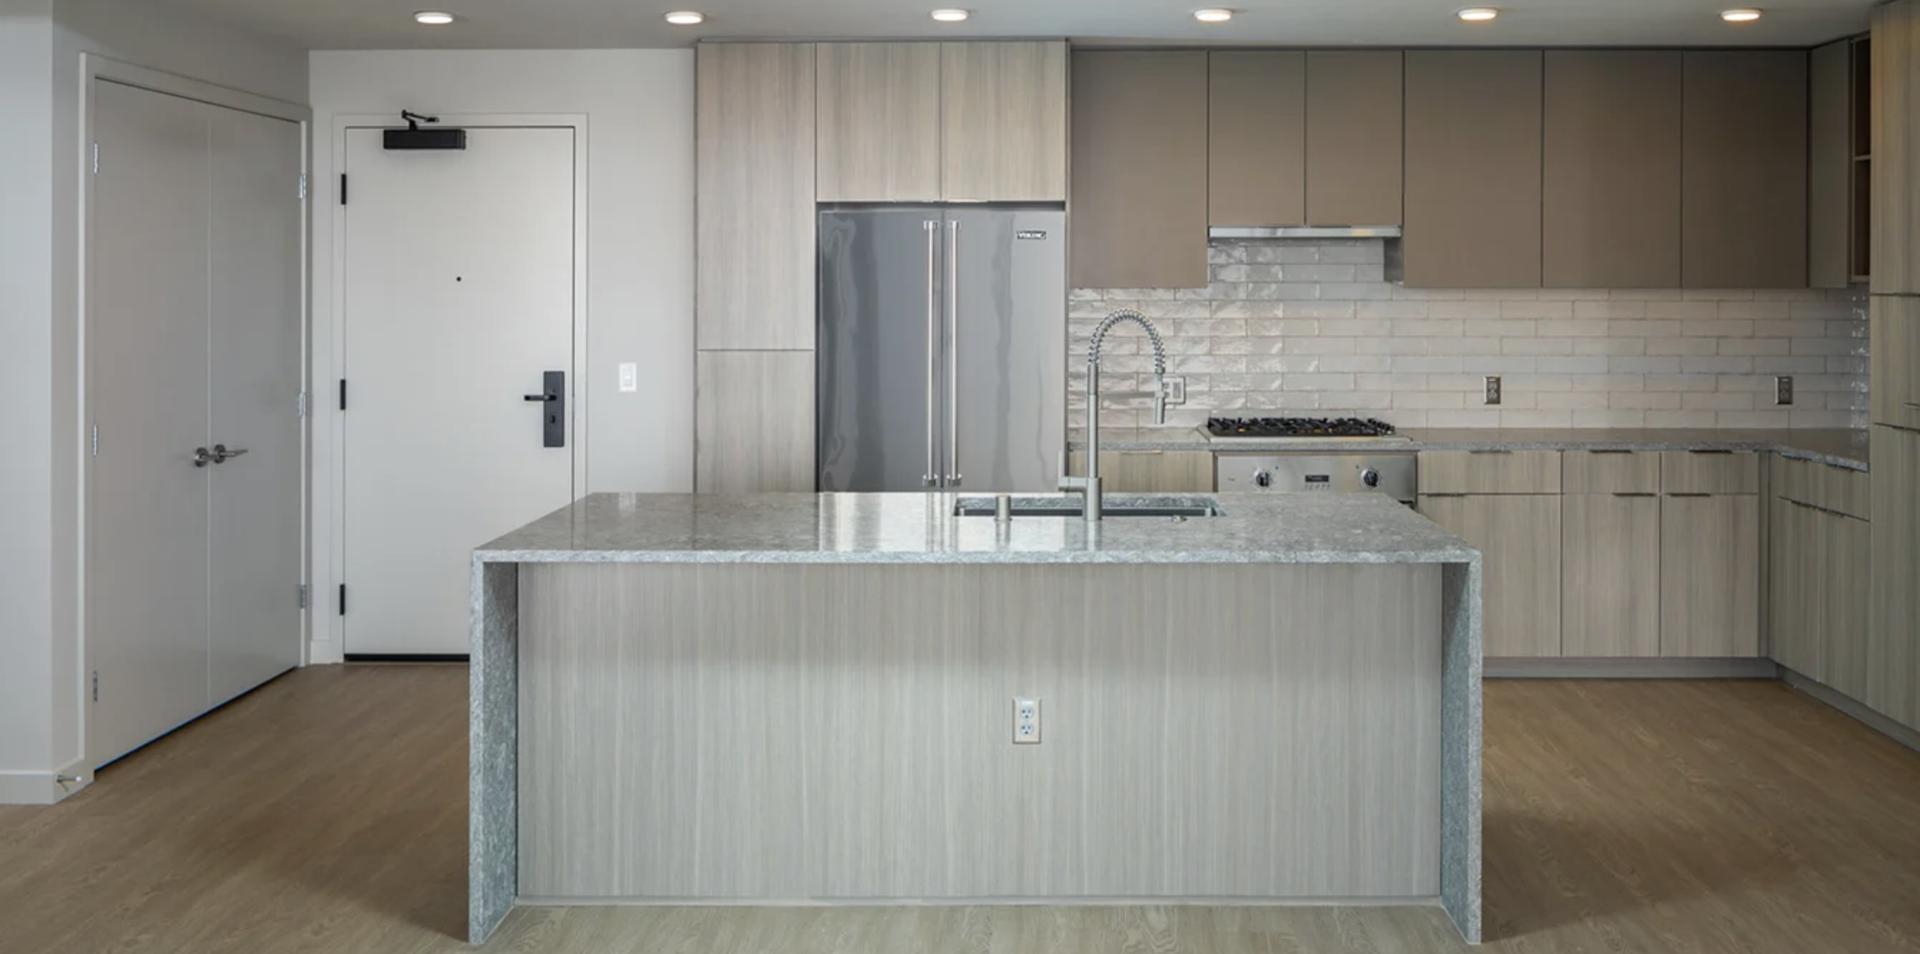 601 11th Avenue #2015, San Diego, CA - $4,825 USD/ month